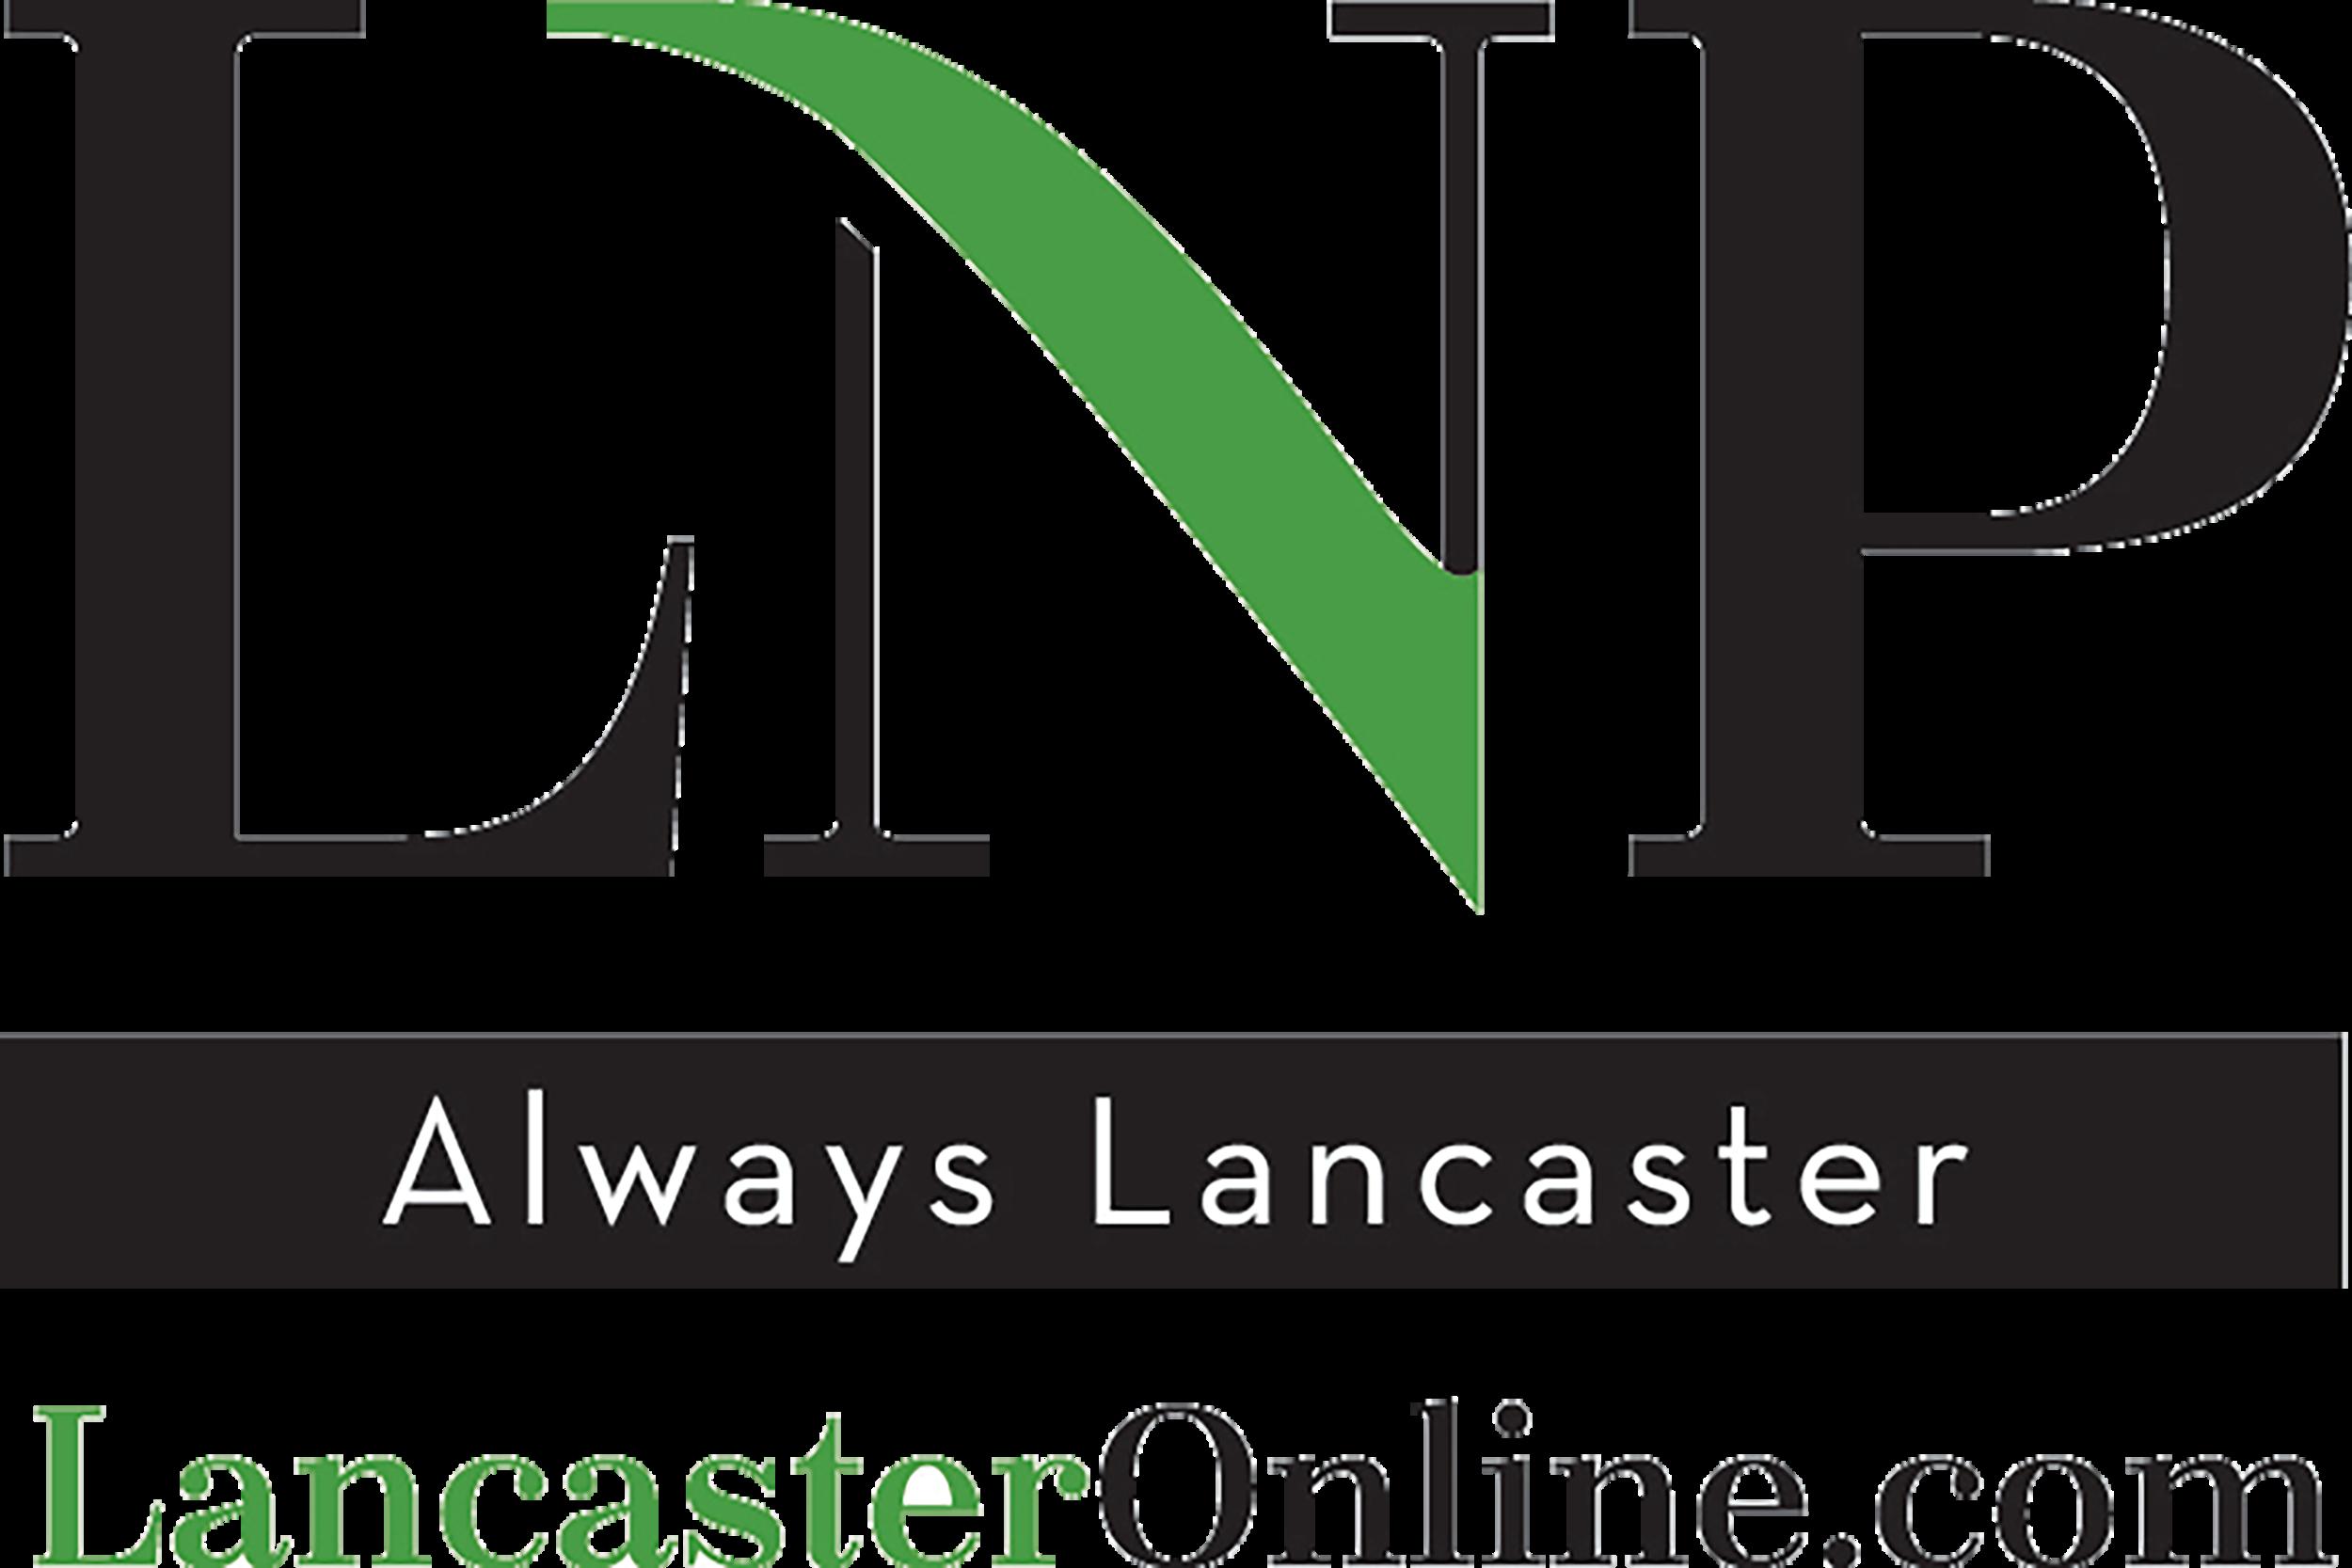 LNP_Always-Lancaster_LOL_CMYK_noTM 300 res 160508.png